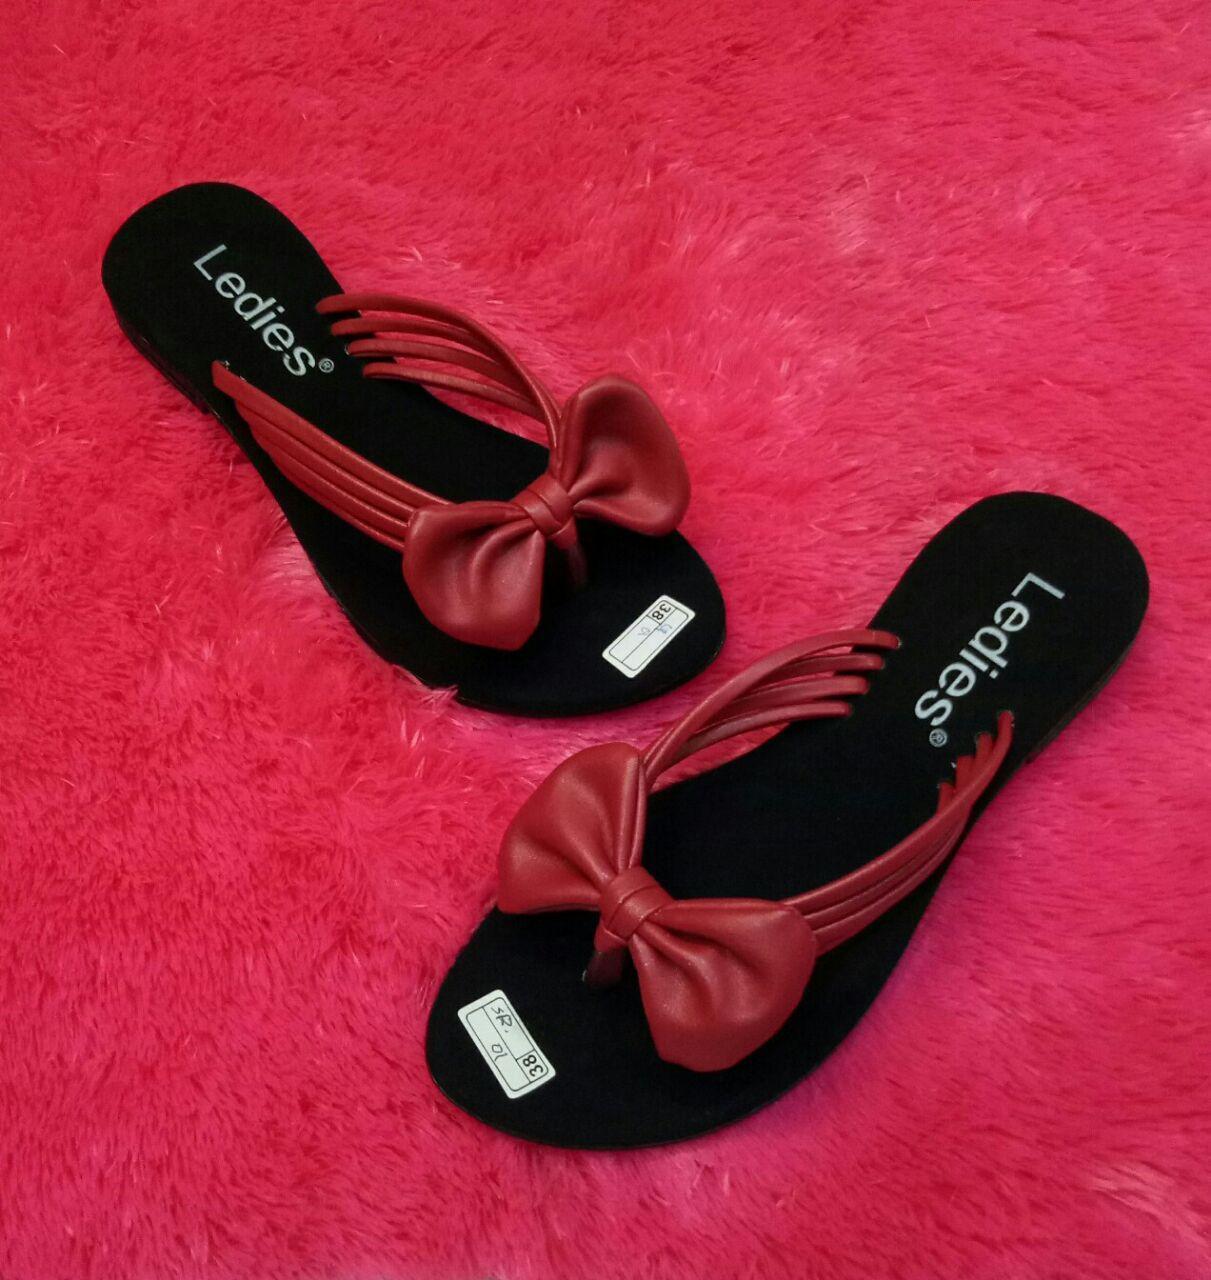 Sandal Pita Jepit Wanita/Sandal Flat Wanita Tali Empat Model Terbaru/Murah-KEJORA